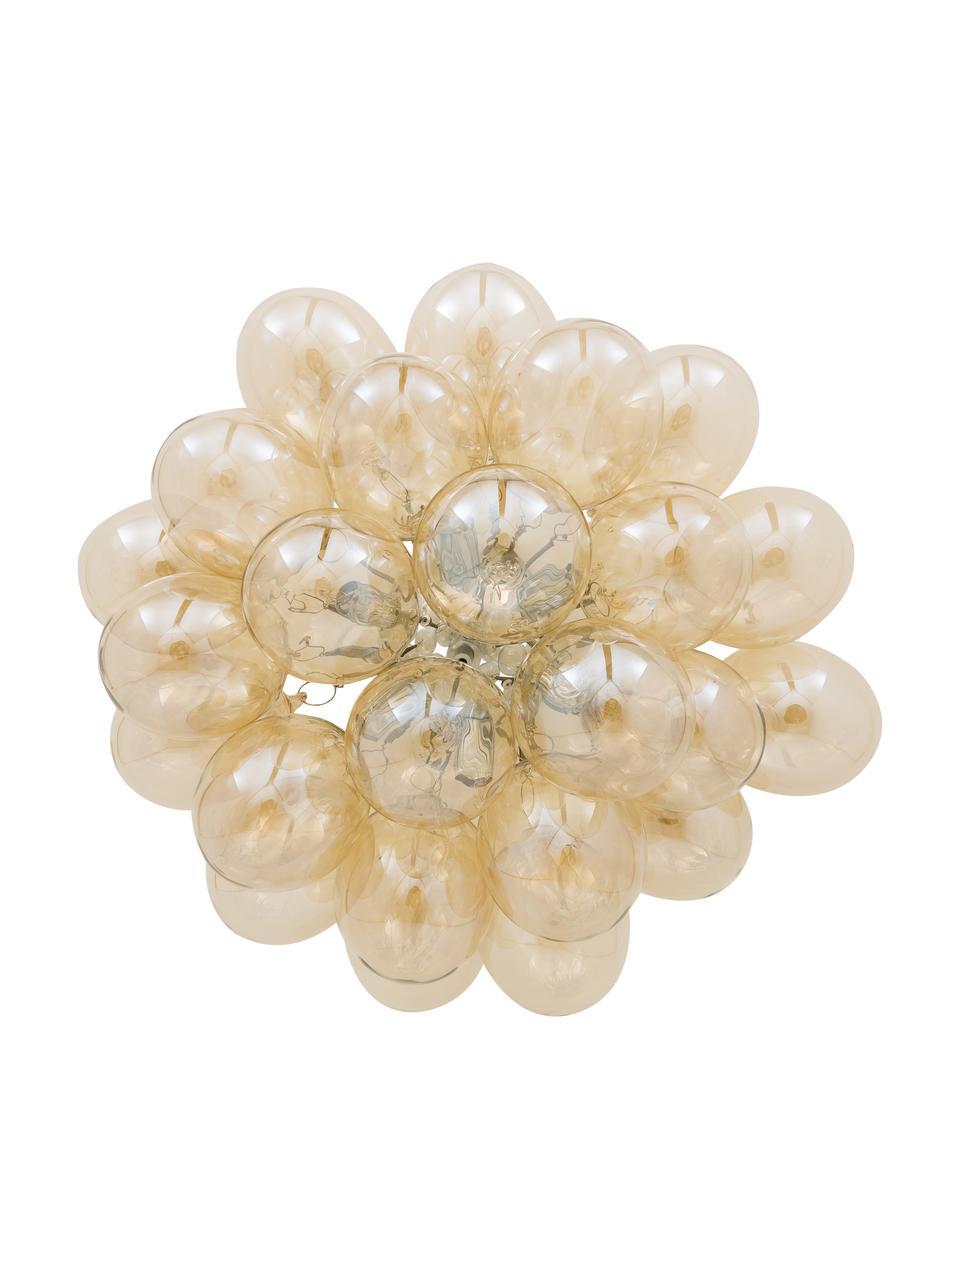 Lampa sufitowa ze szklanymi kulami Gross, Odcienie bursztynowego, Ø 50 x W 27 cm